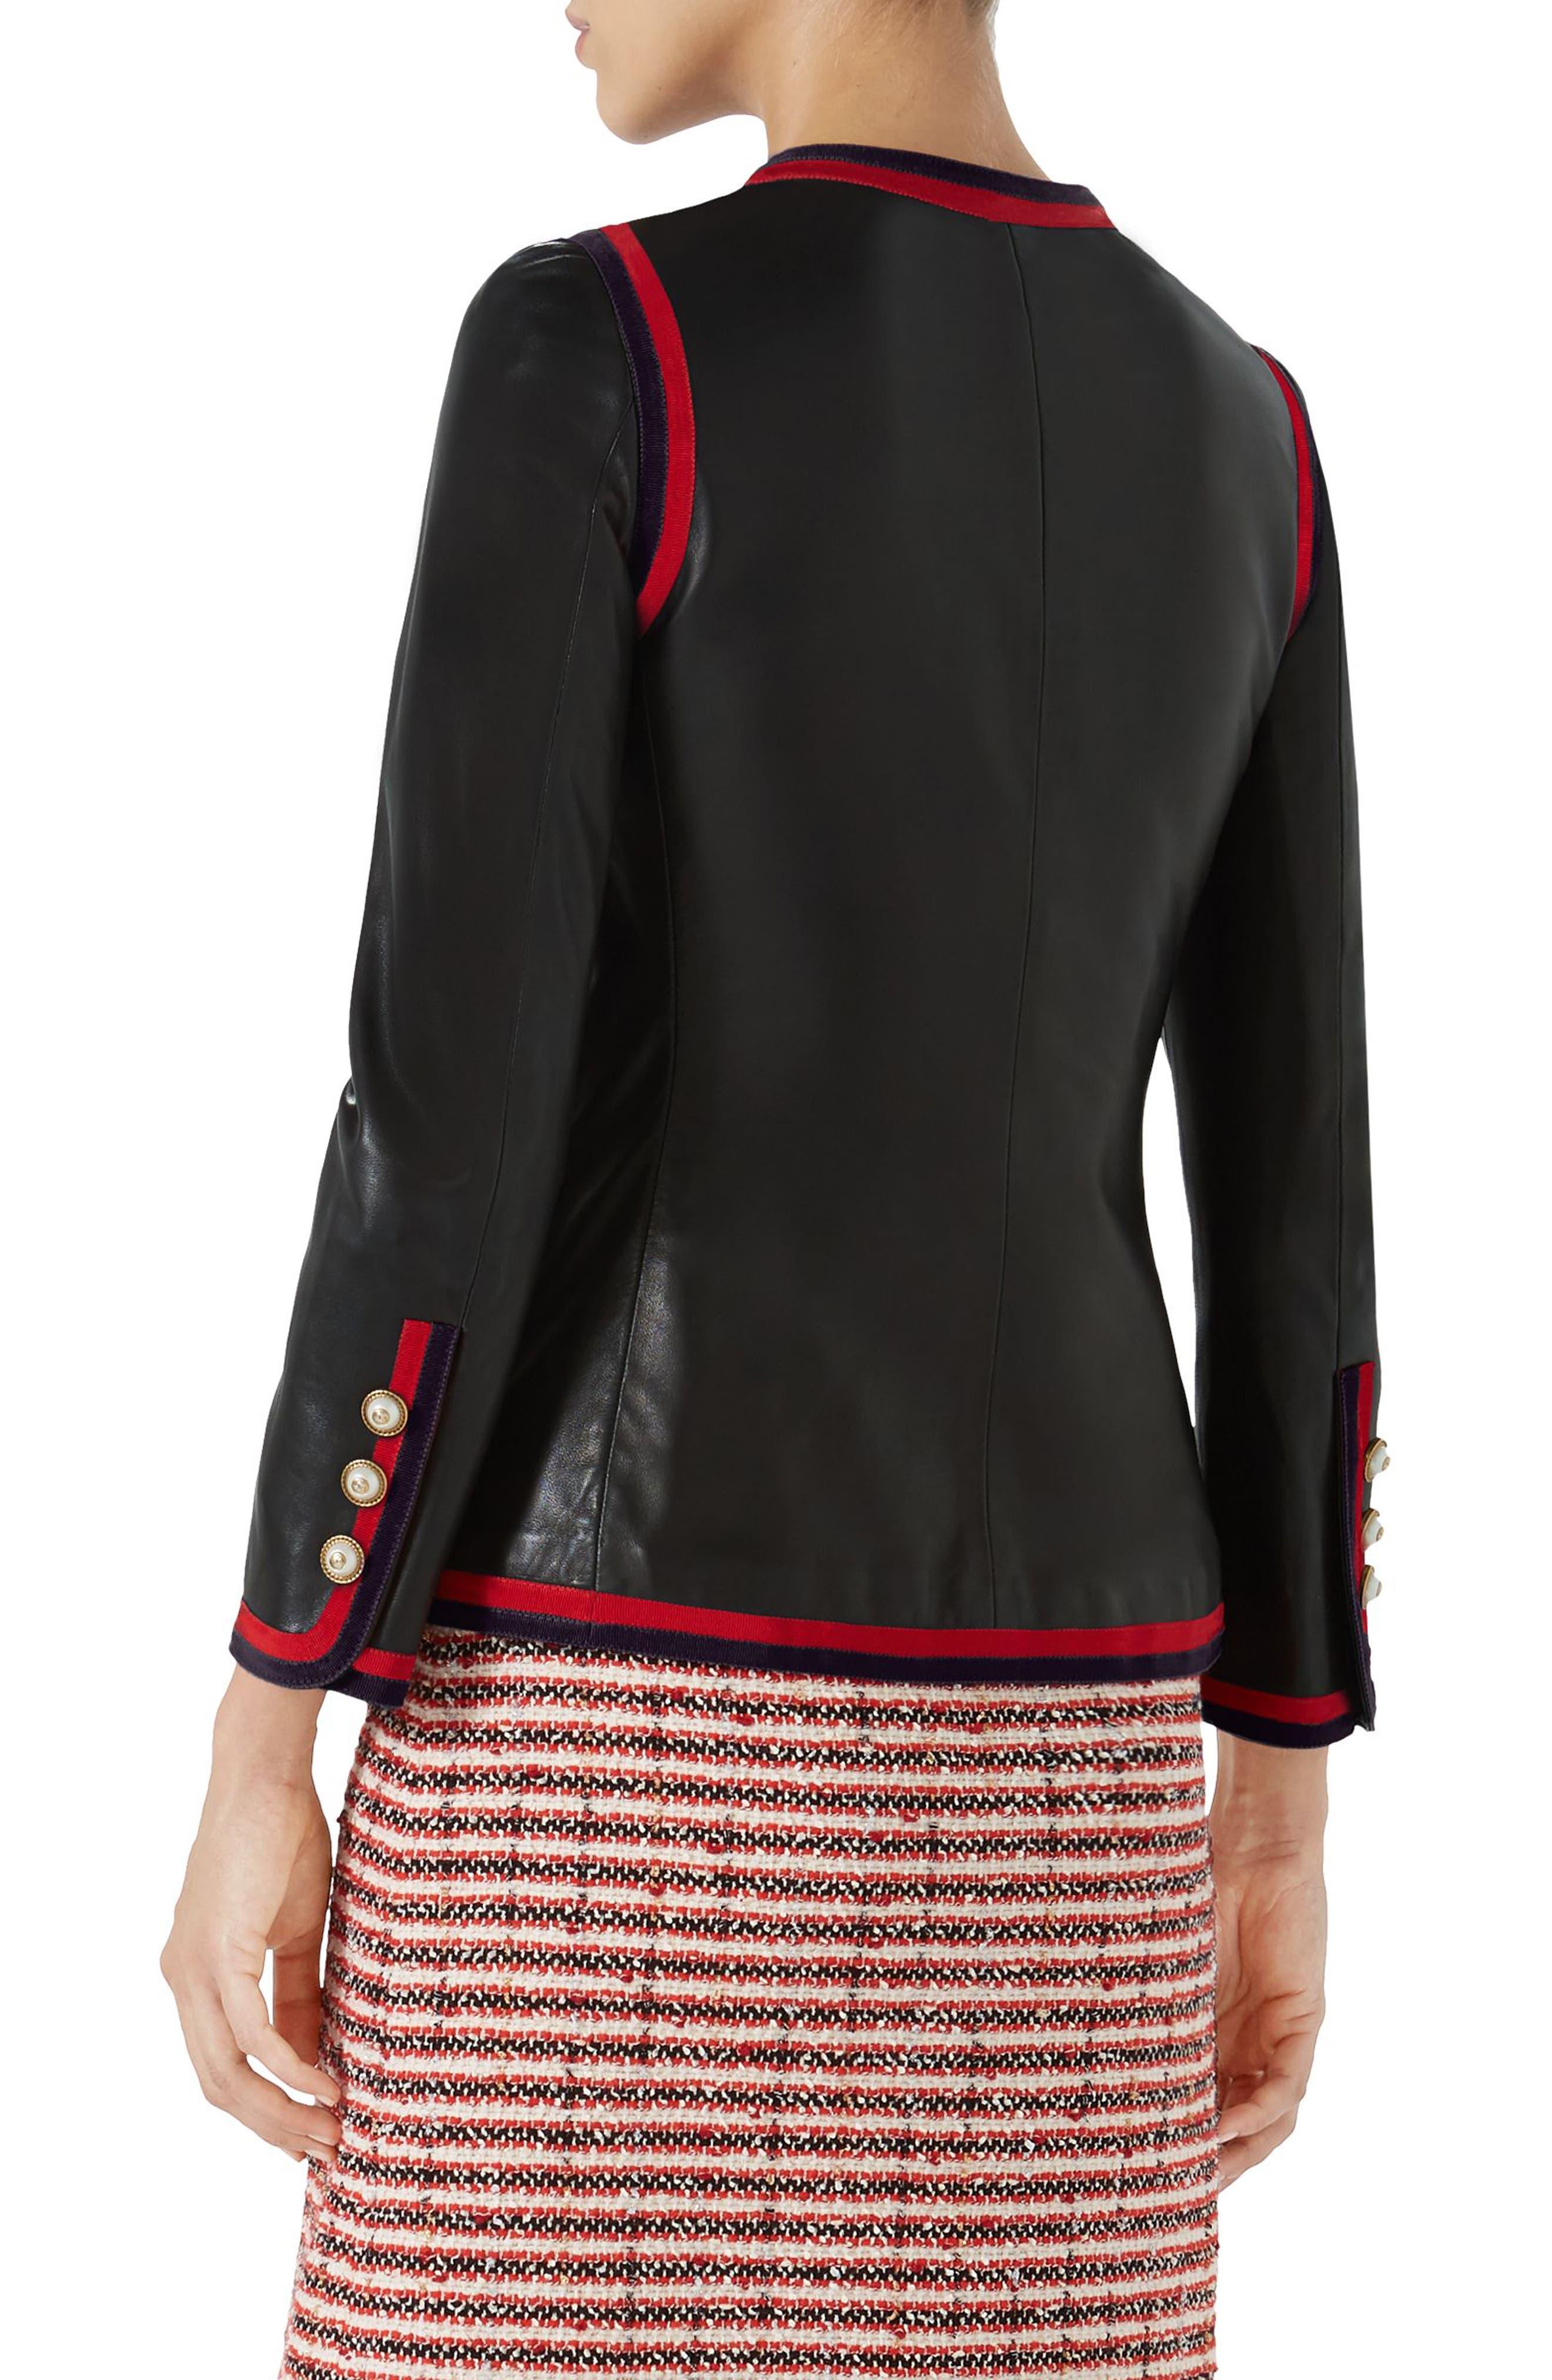 Ribbon Trim Nappa Leather Jacket,                             Alternate thumbnail 2, color,                             BLACK